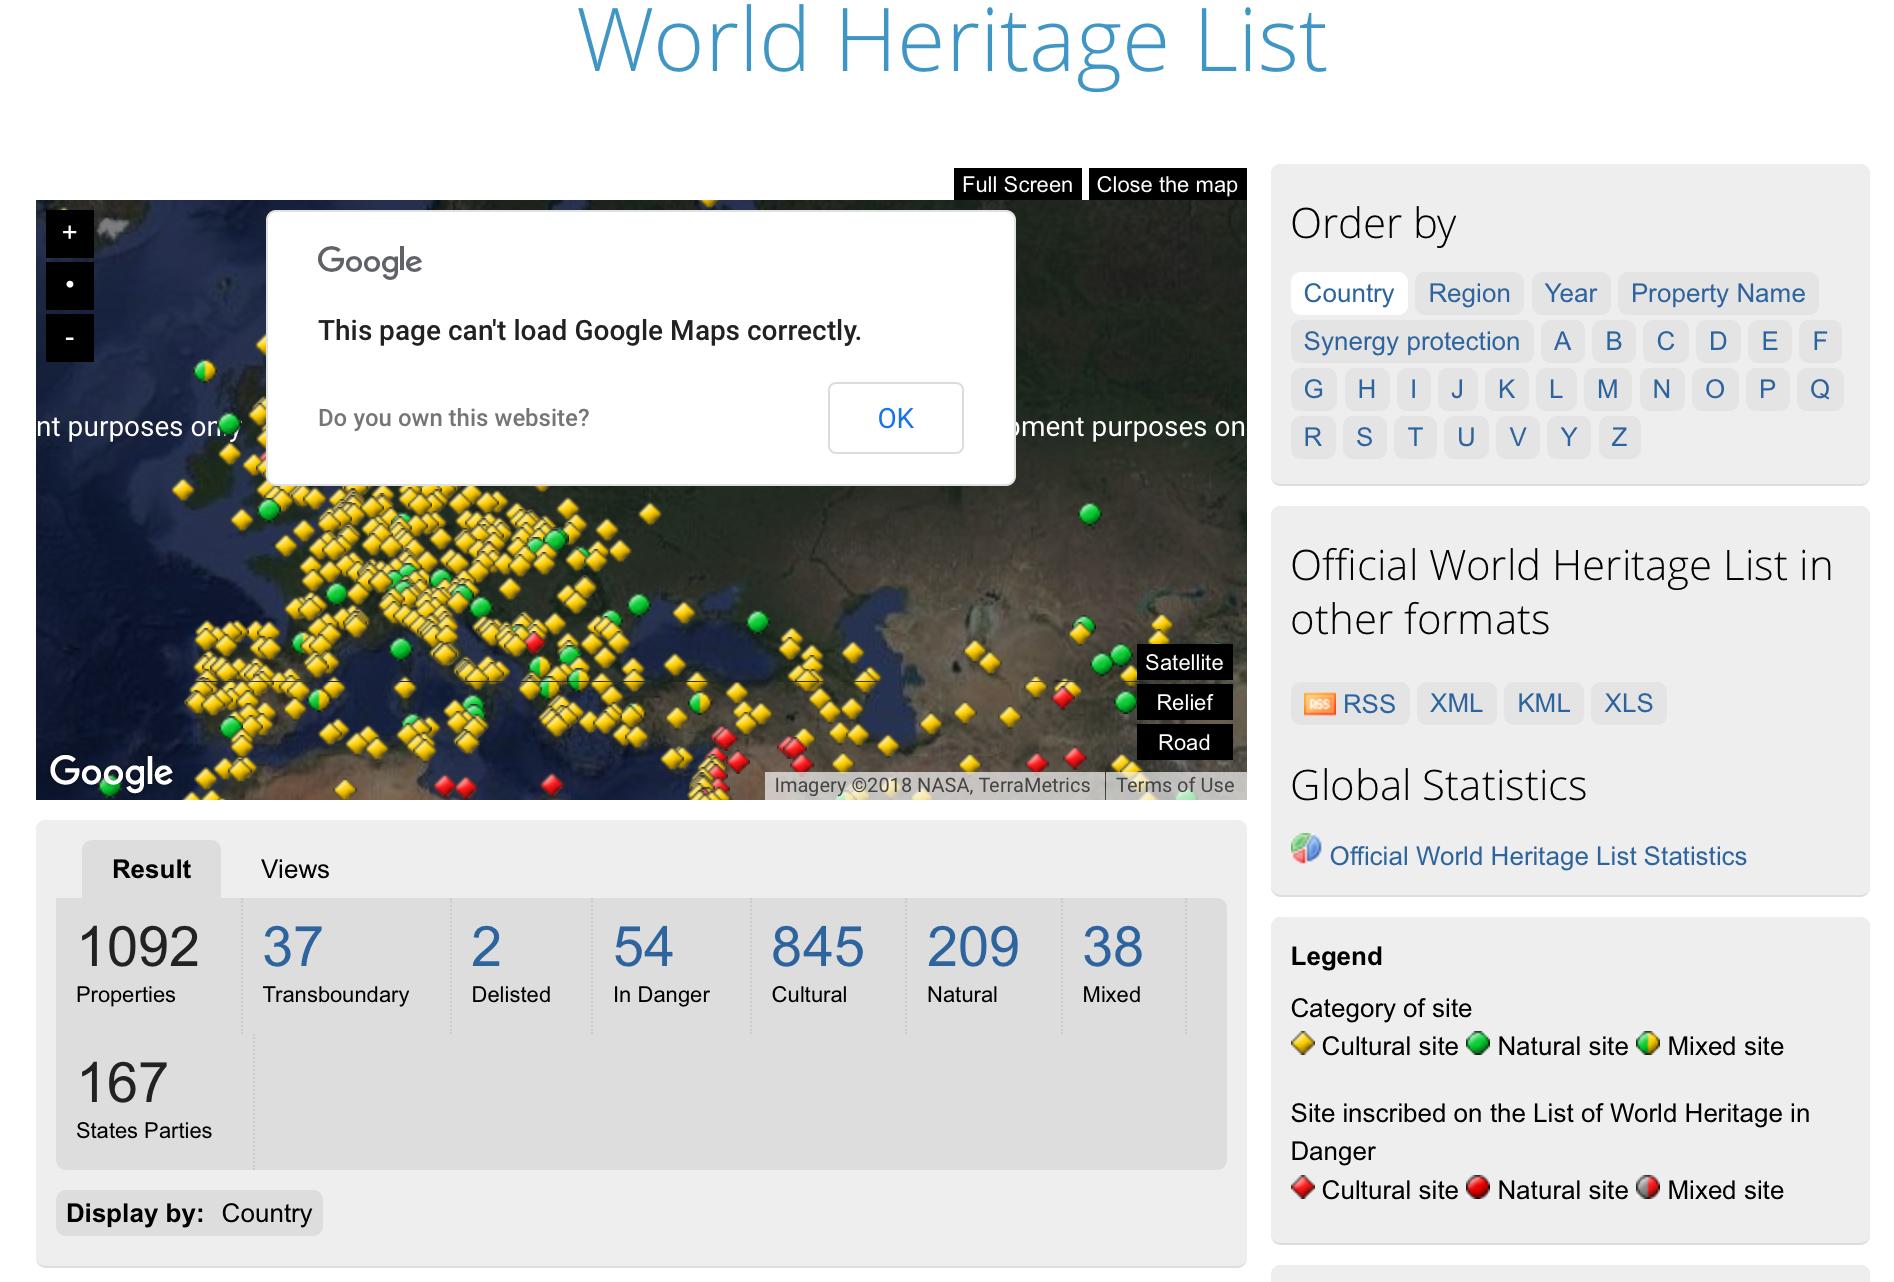 UNESCO World Heritage List Google Map, broken